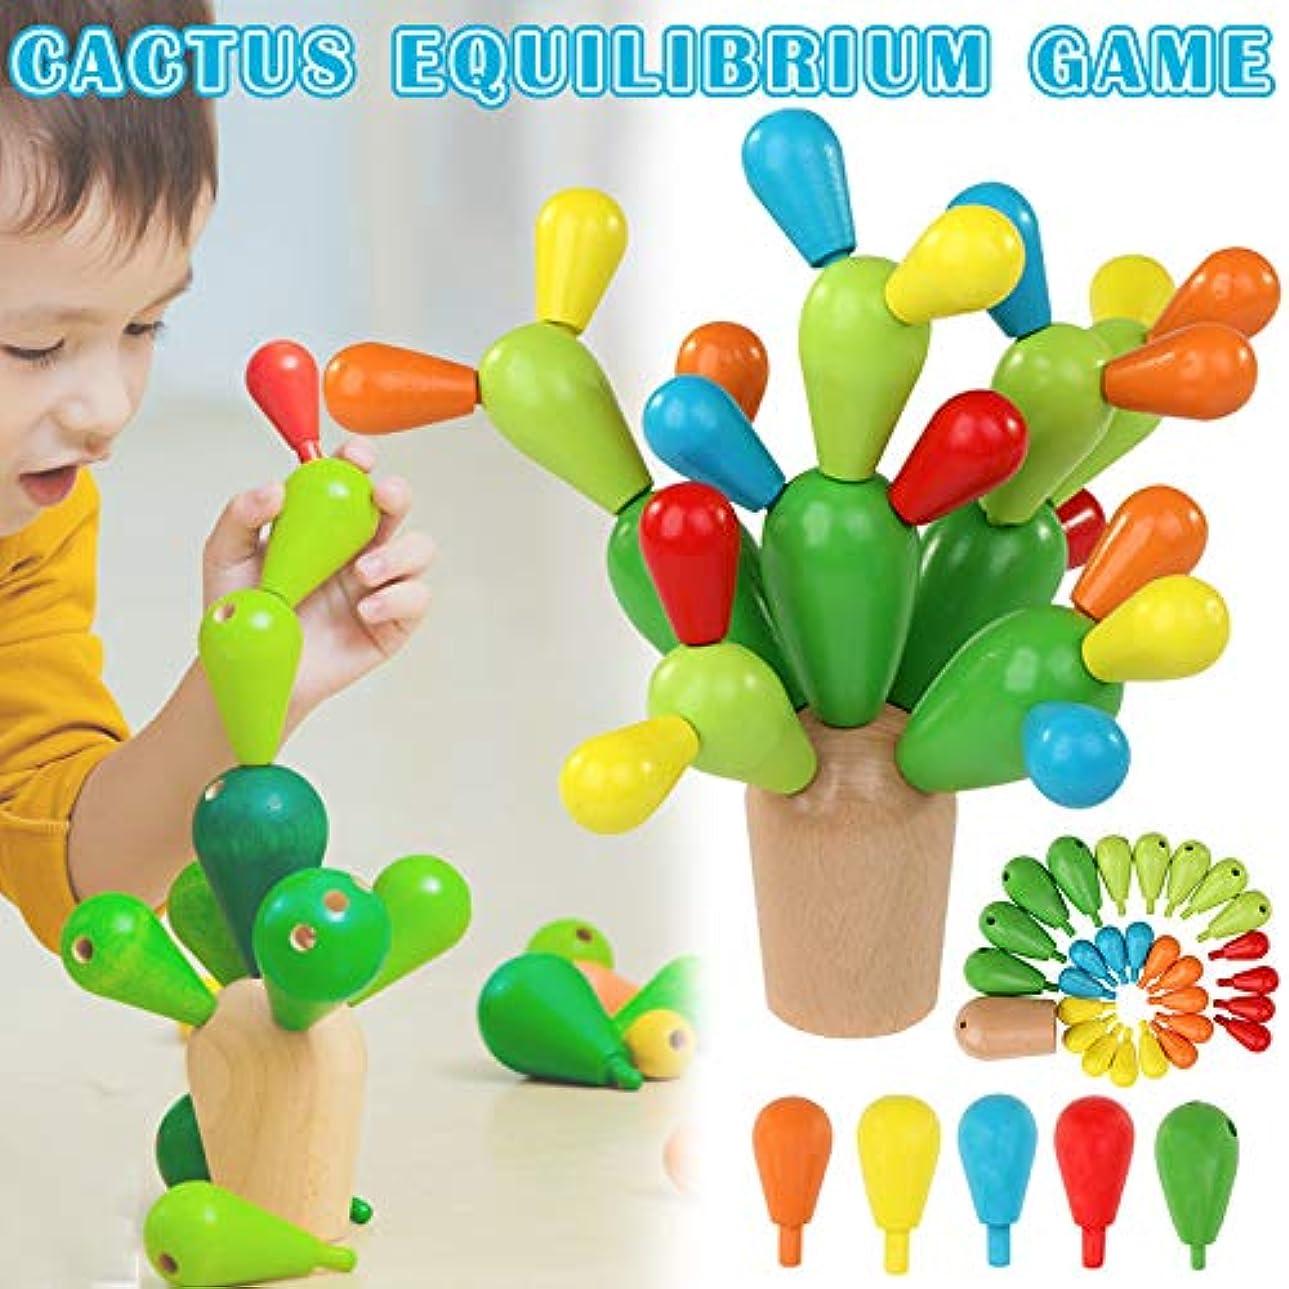 湾幸福ポンプAlligado おもちゃ サボテンバランスゲーム バランスサボテン木製おもちゃ 取り外し可能なビルディングブロック バランスサボテン バランスゲーム バランス 木製おもちゃ 教育玩具 分離可能 子供 面白い かわいい おもちゃギフト